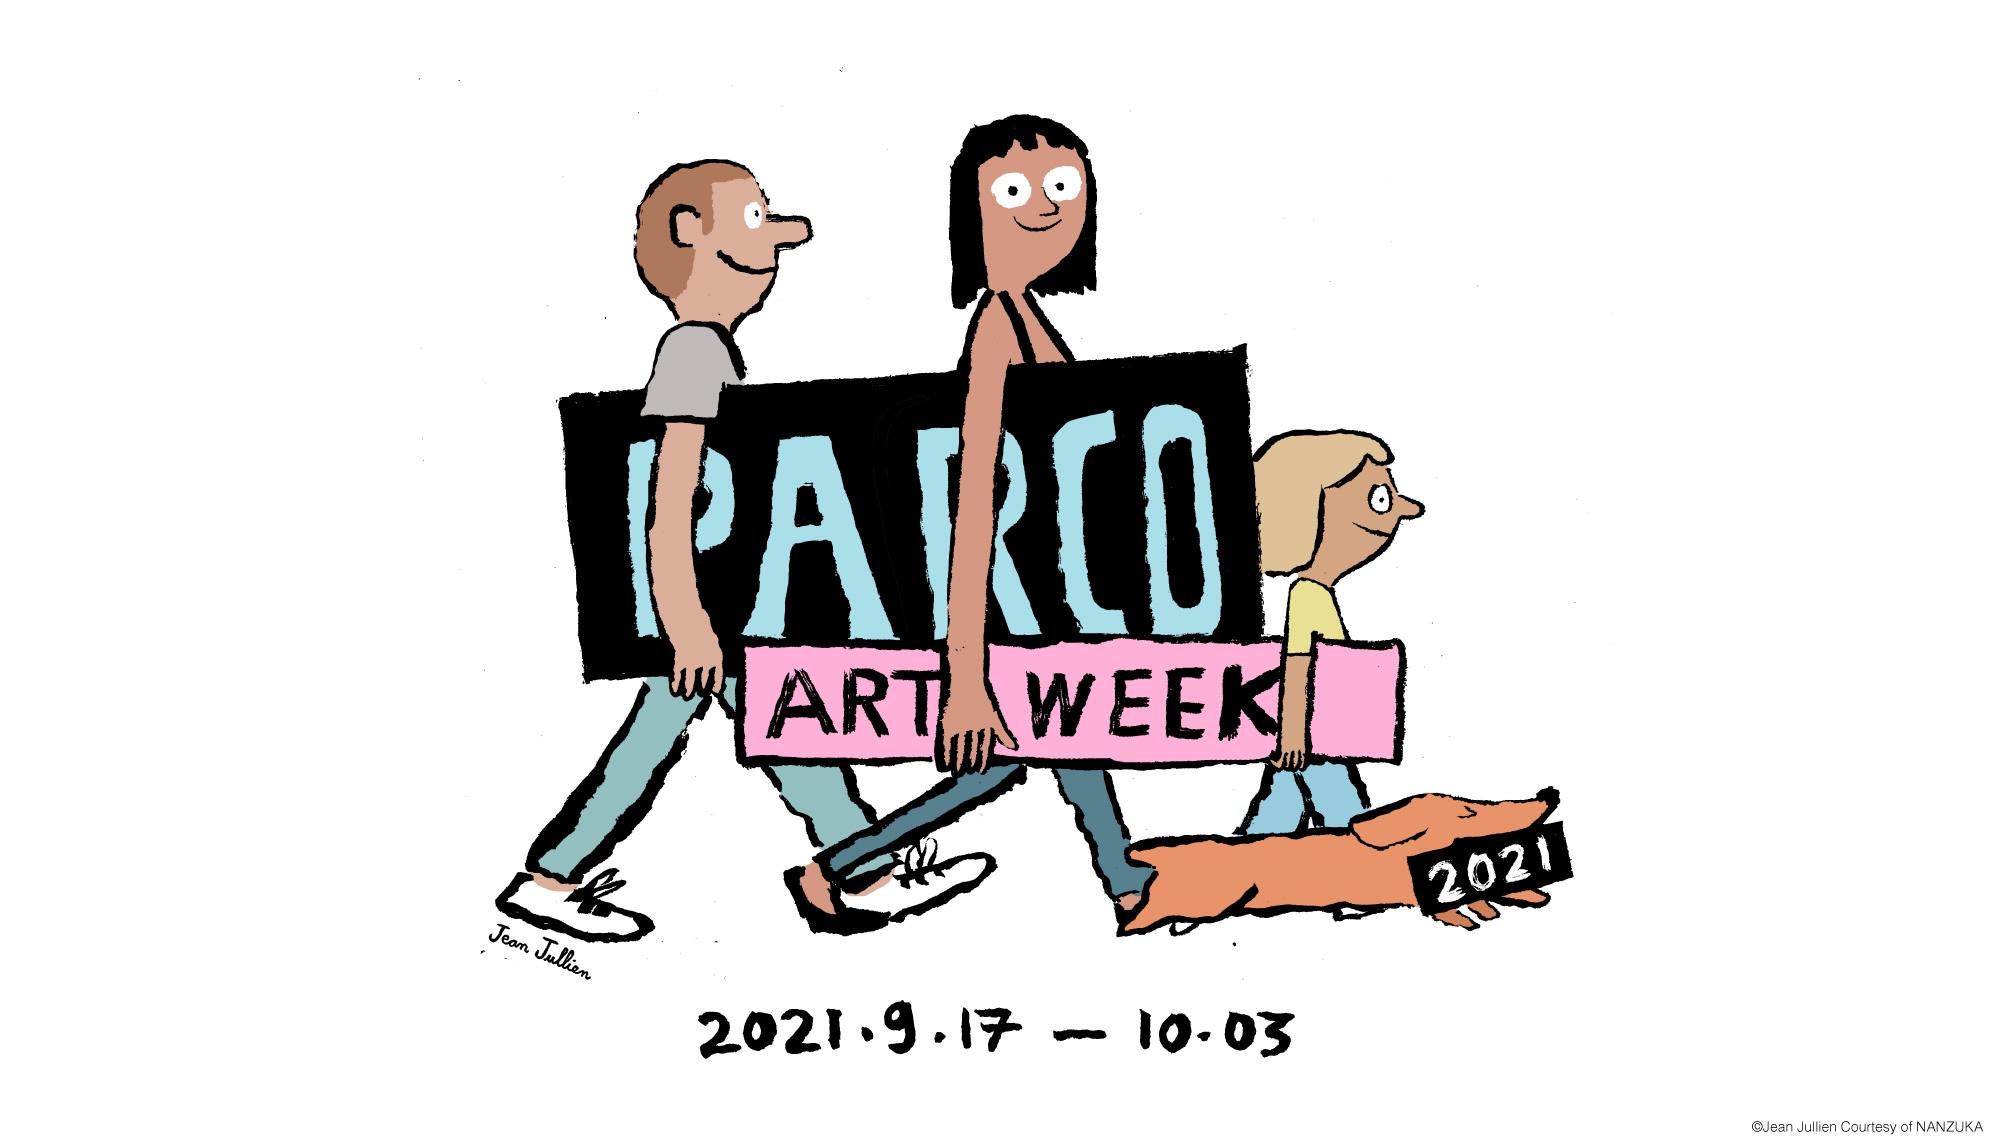 SHIBUYA PARCO ART WEEK 2021|渋谷PARCOが芸術に染まる「ART WEEK」開催